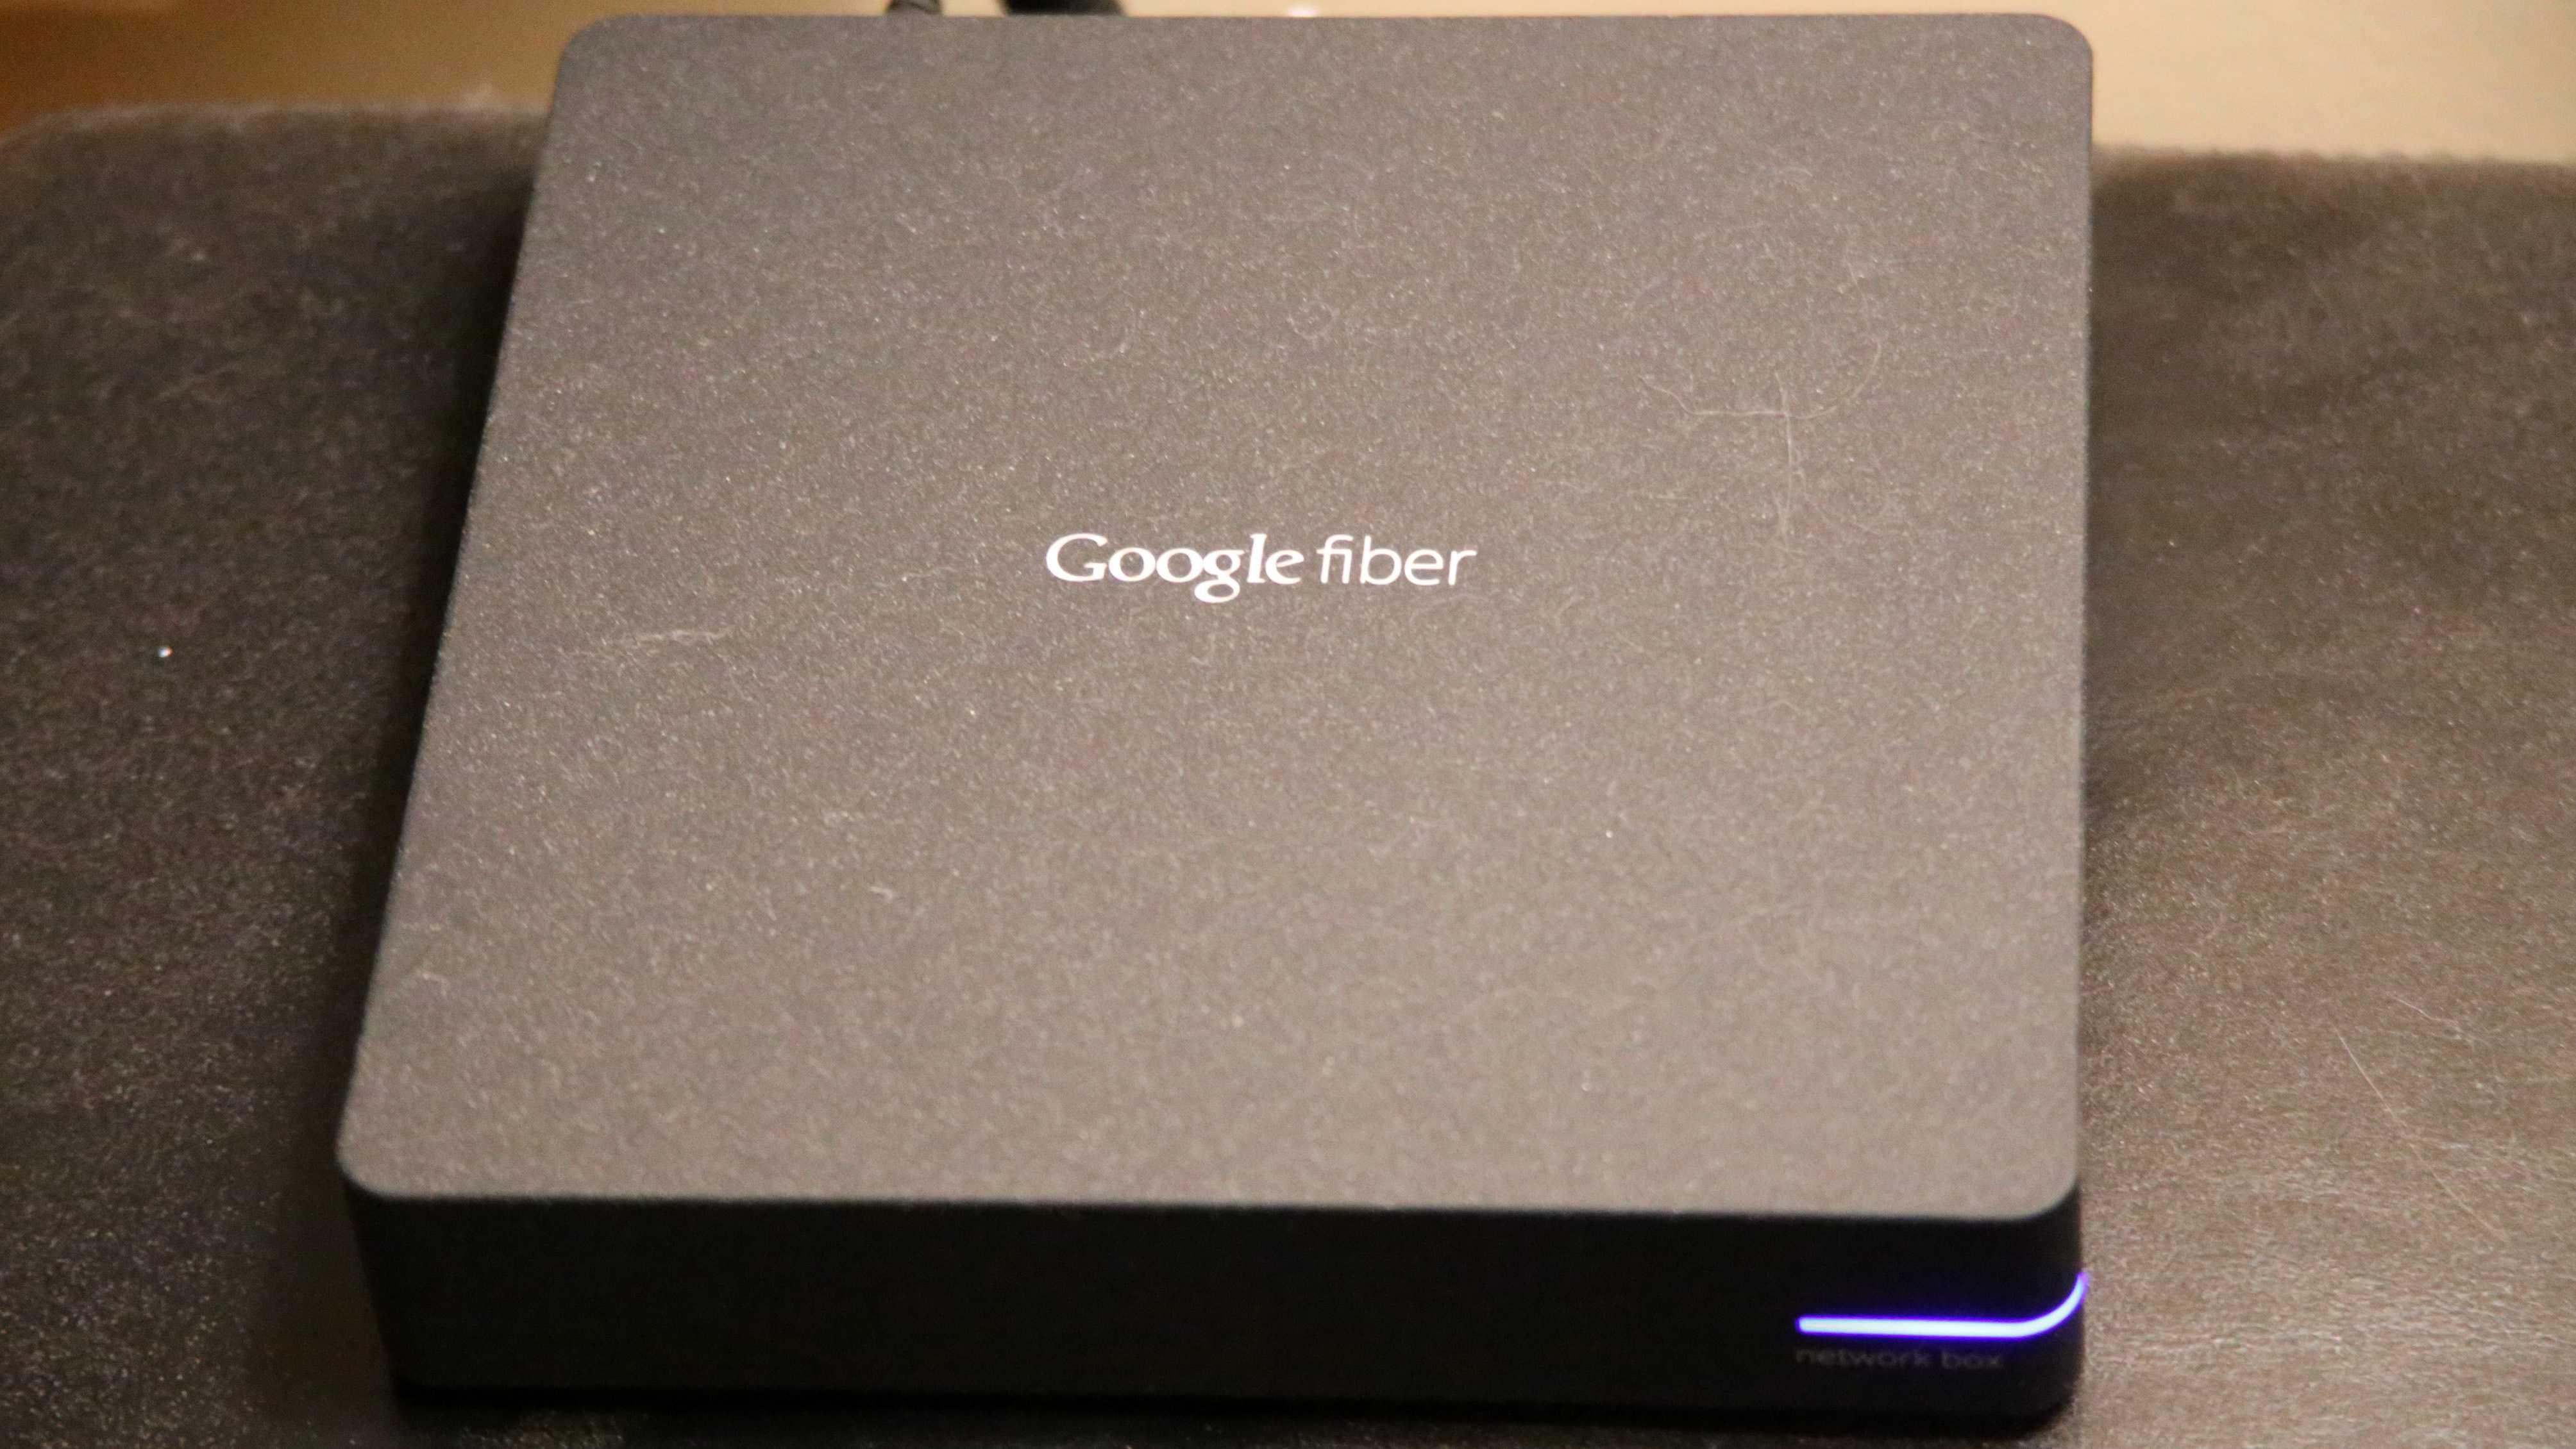 Google Fiber Network Box.jpg